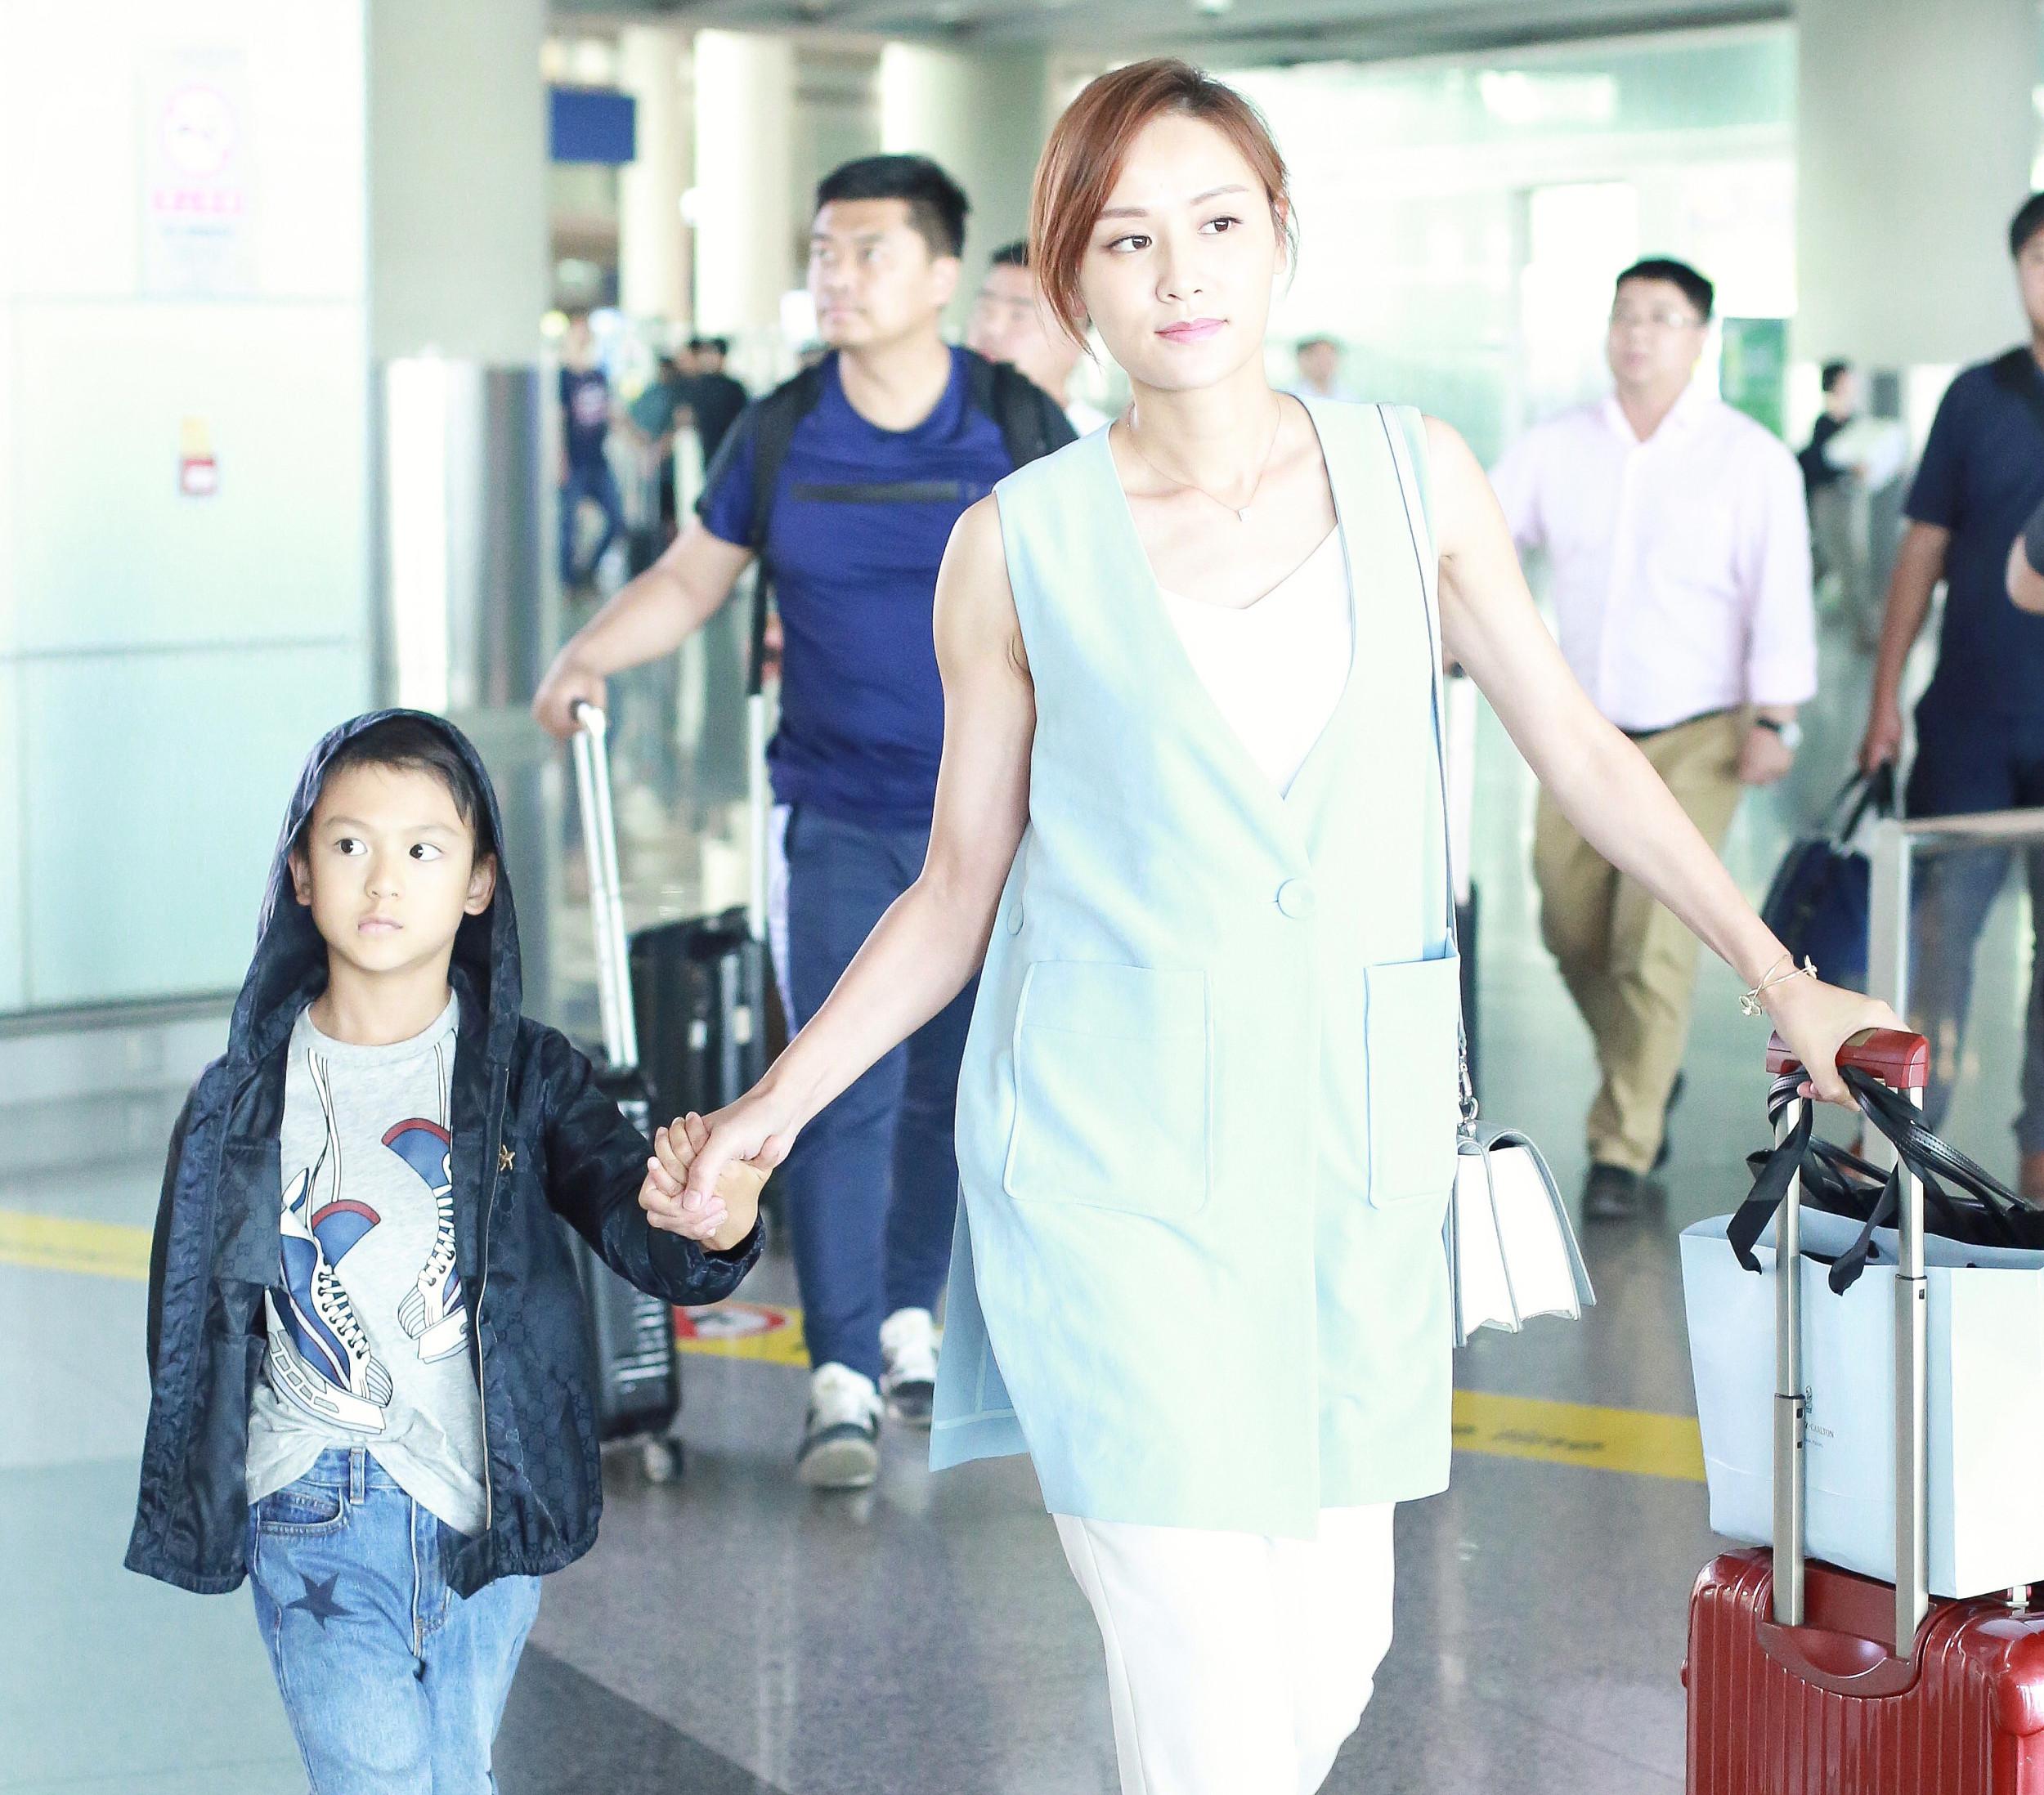 叶一茜带7岁儿子现身机场,亲切打招呼手上的大钻戒好抢眼